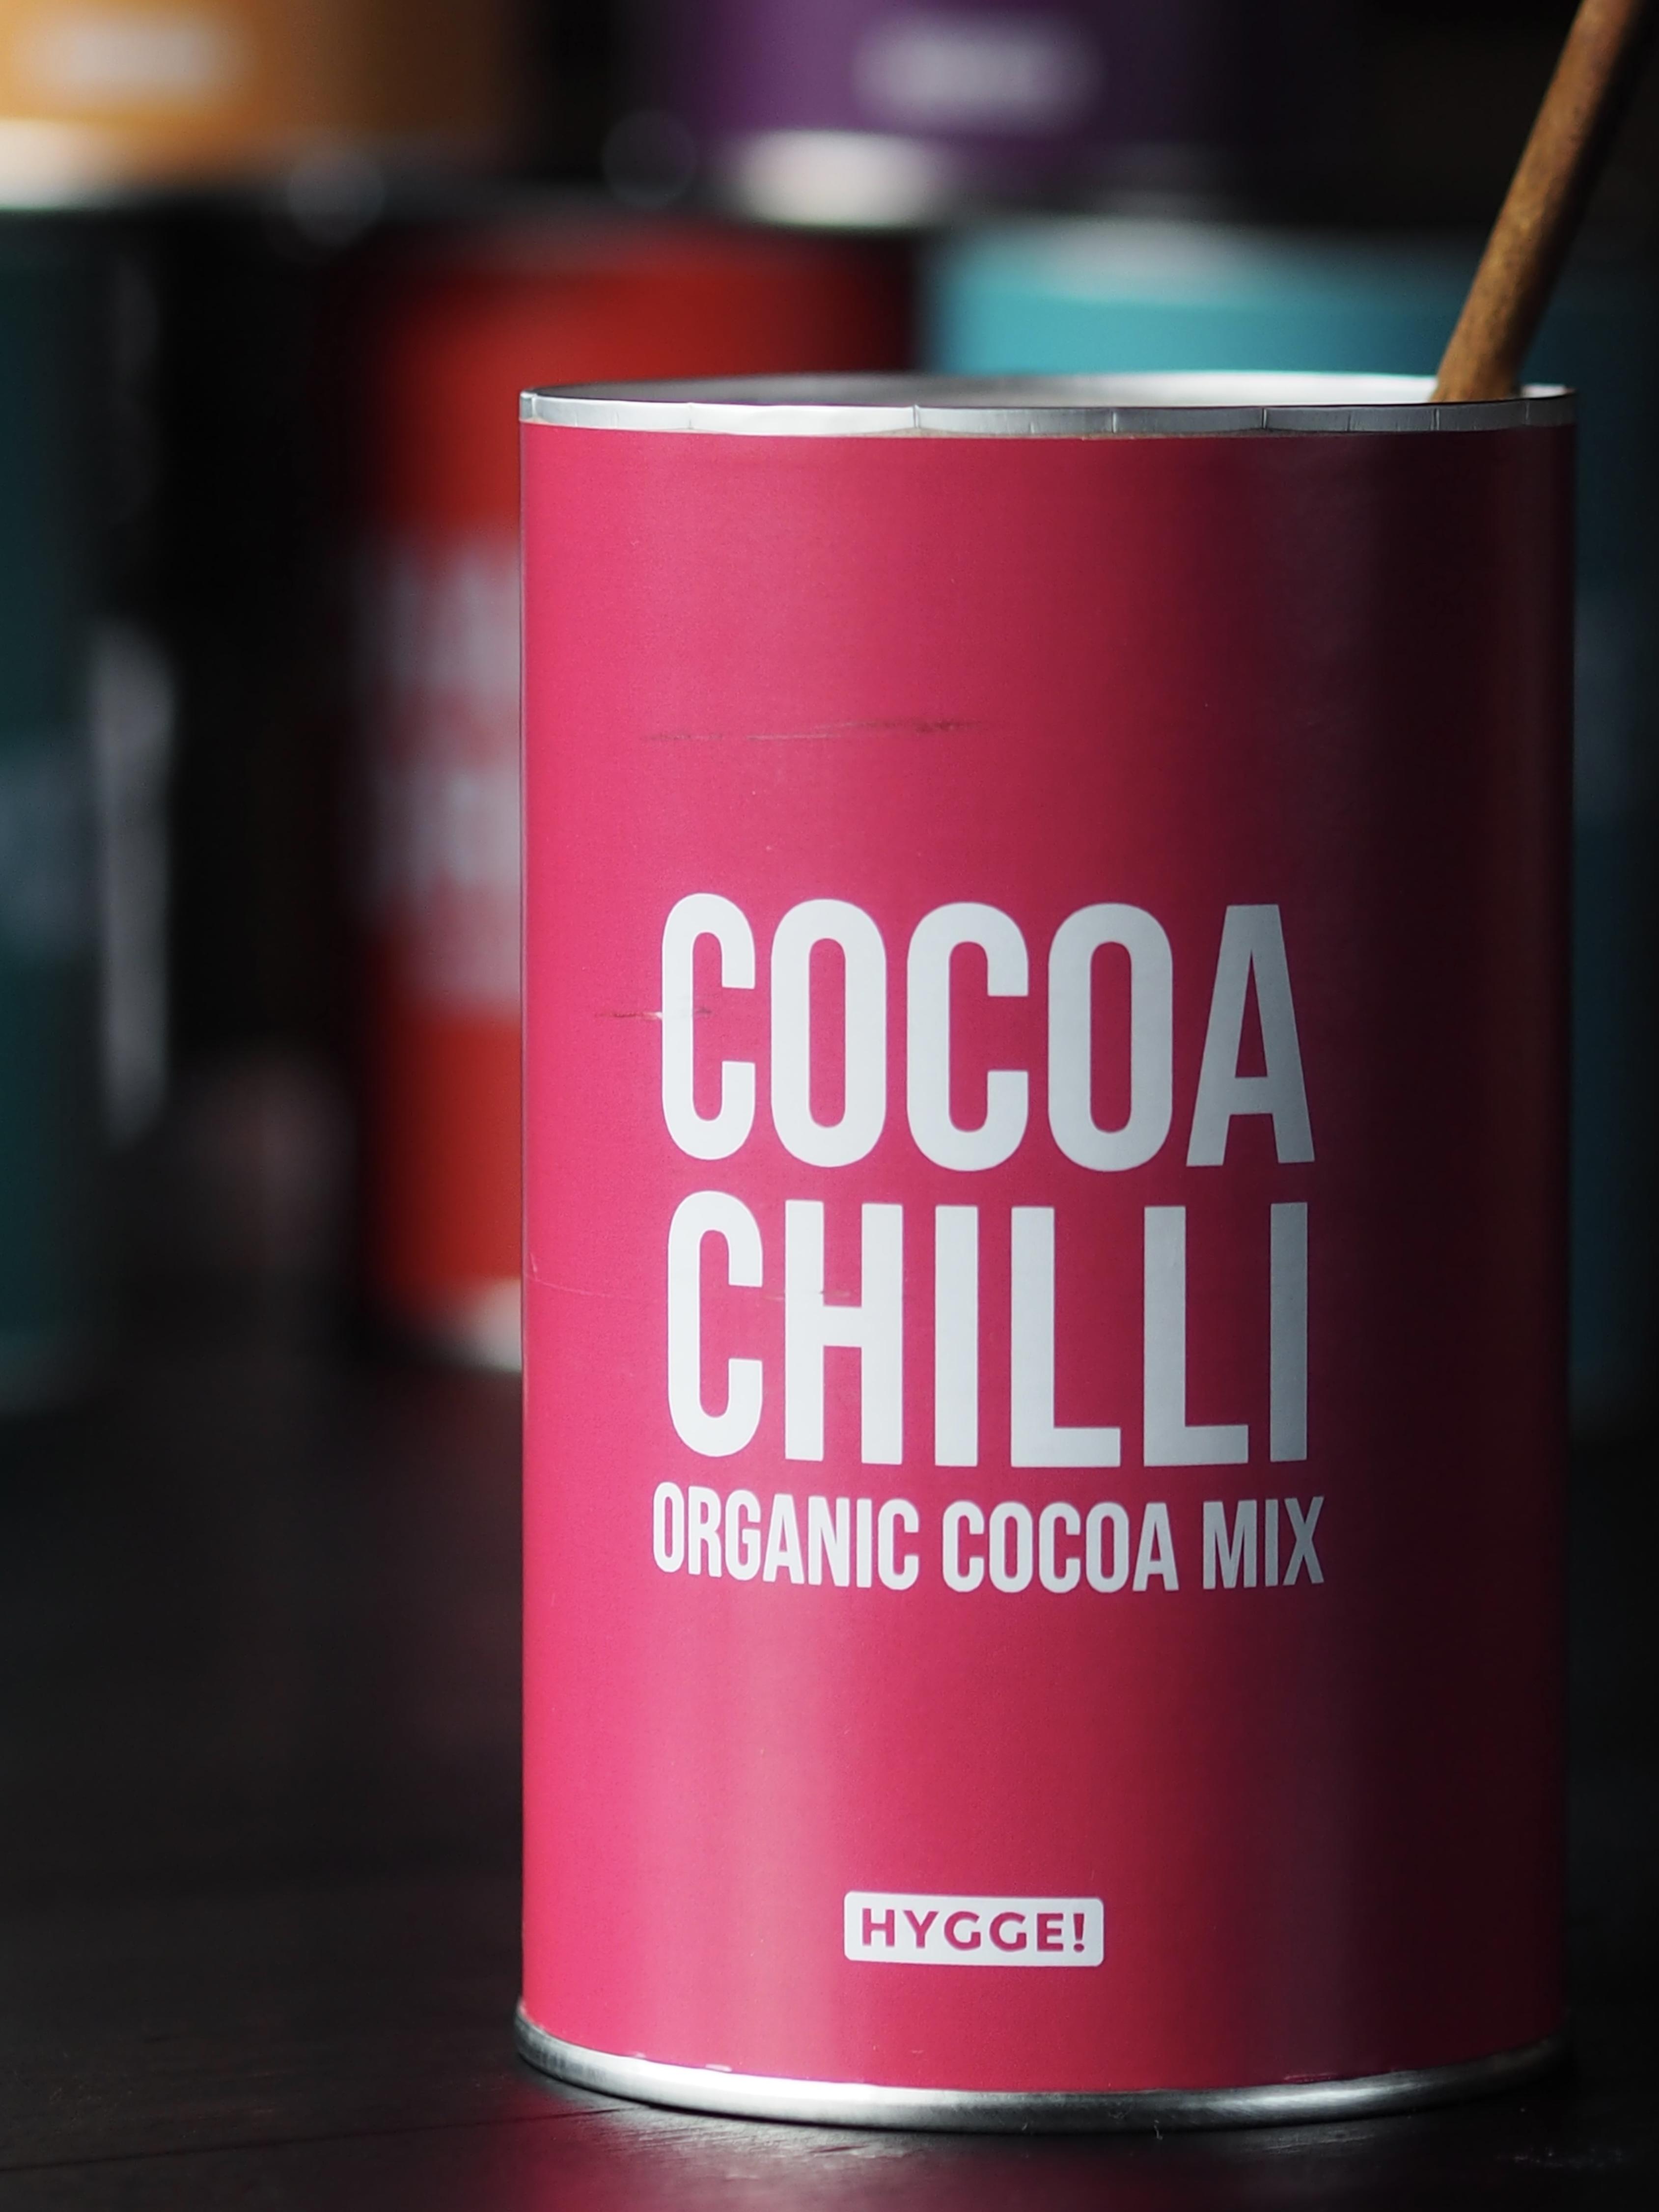 Cocoa Chilli, HYGGE!